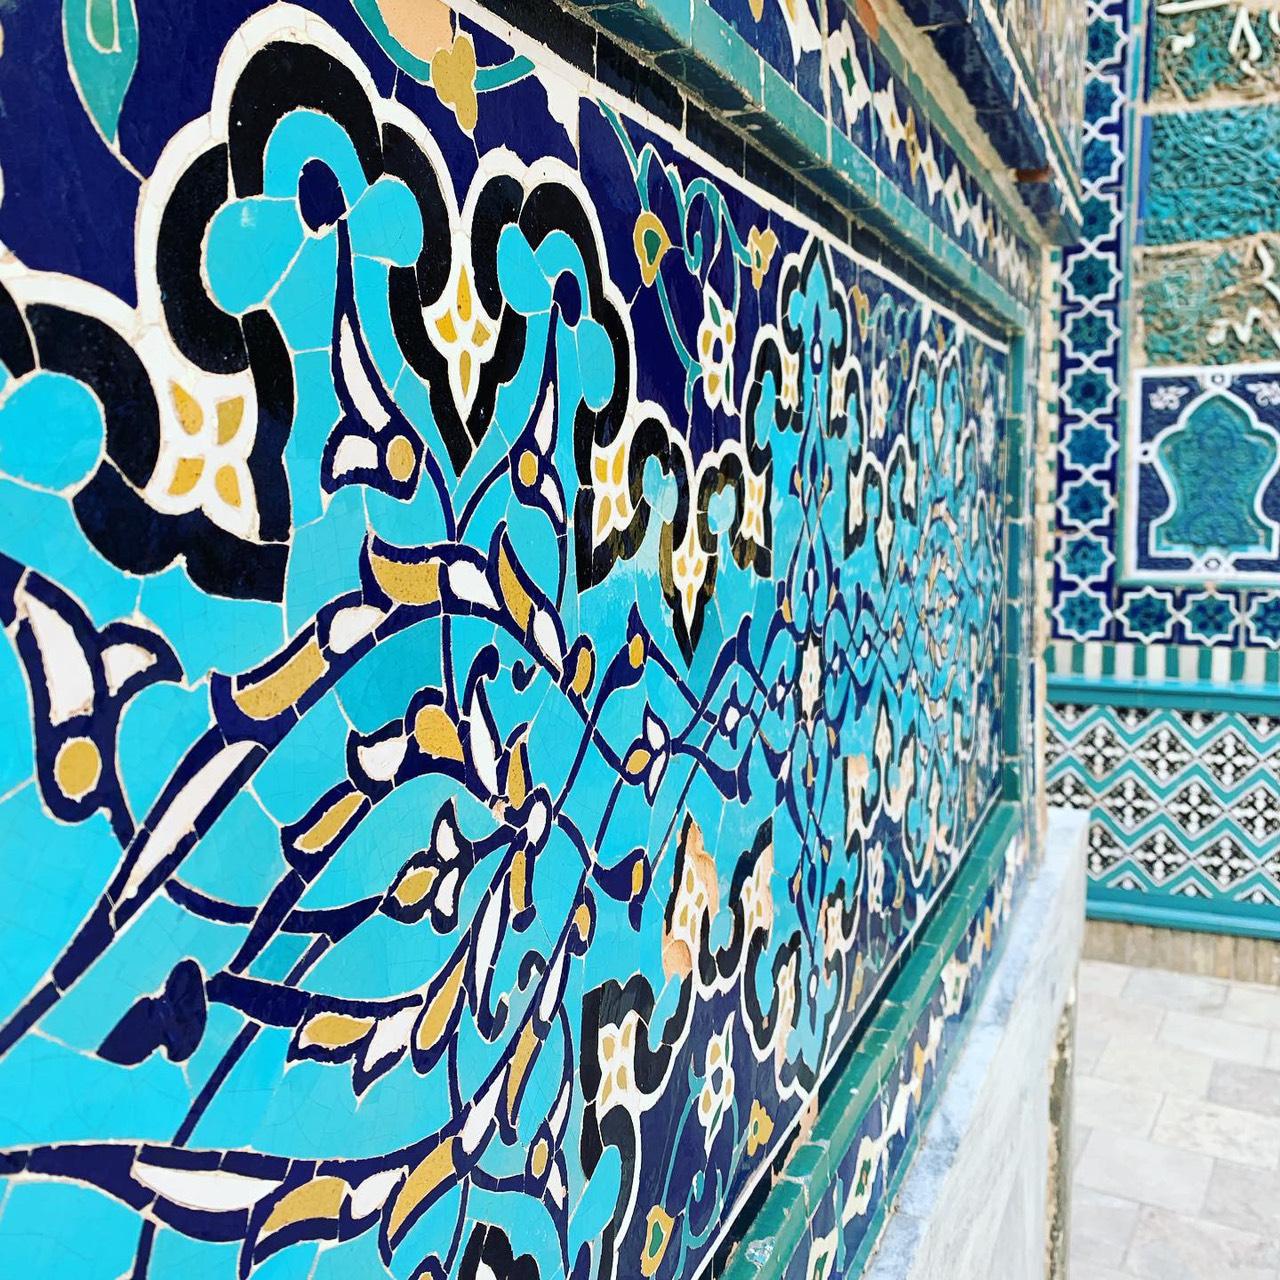 青のモザイクタイルが美しいシャーヒズィンダ廟(サマルカンド)